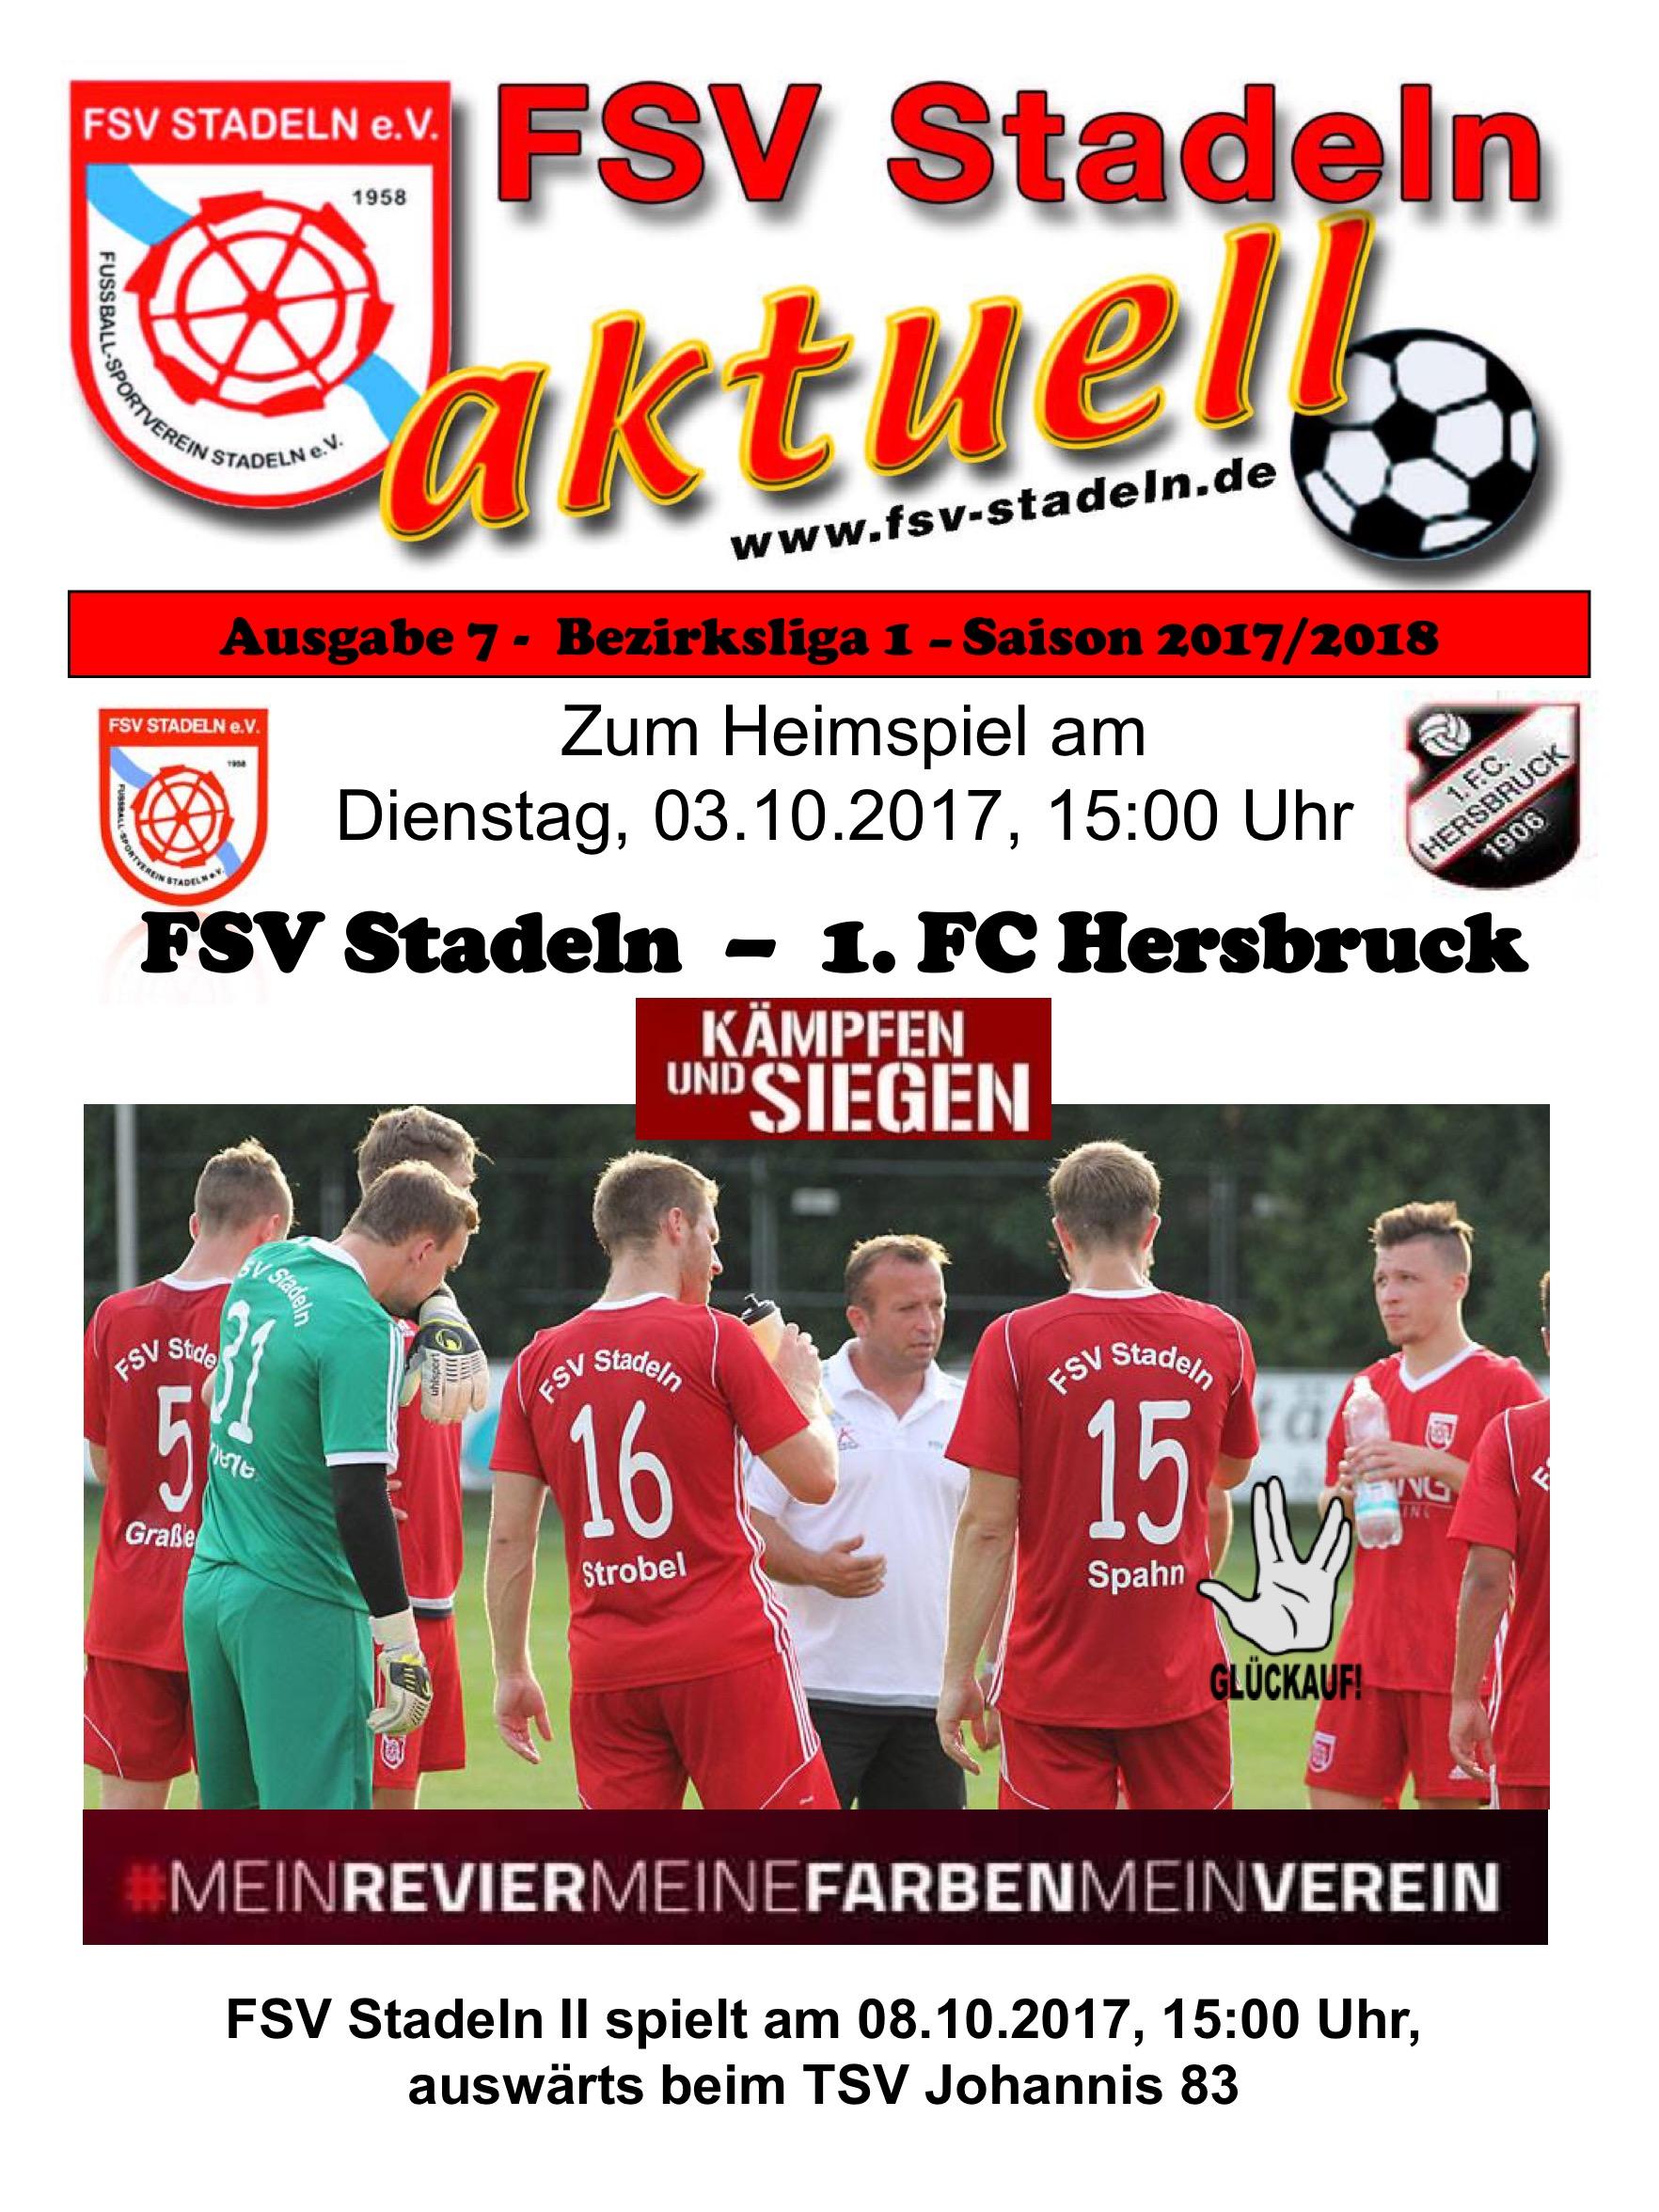 07-2017-10-03-1.-FC-Hersbruck-1.jpeg